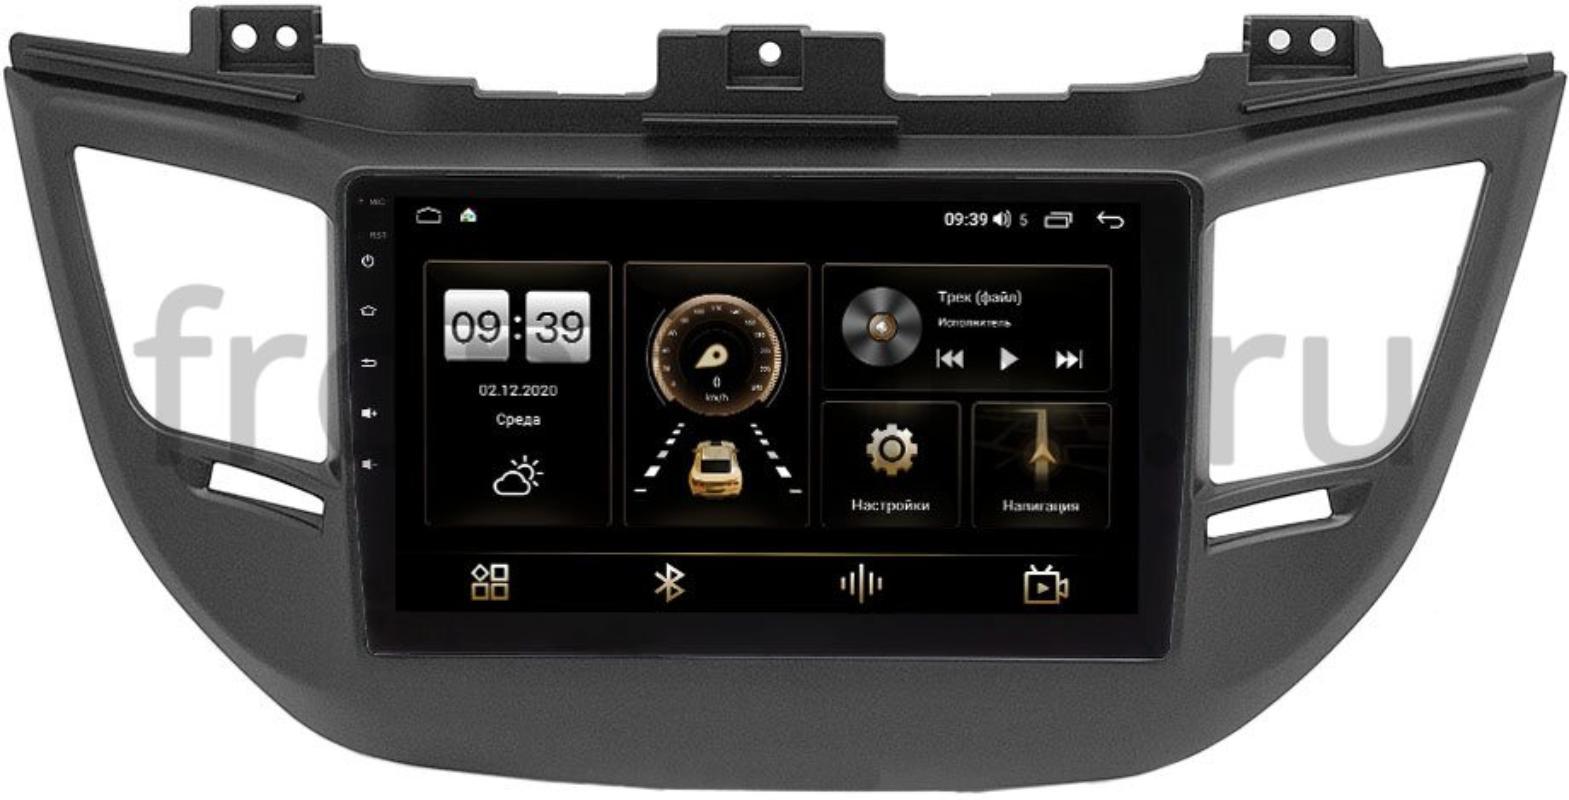 Штатная магнитола LeTrun 4196-9-064-1 для Hyundai Tucson III 2015-2018 на Android 10 (6/128, DSP, QLed) С оптическим выходом для авто с камерой (+ Камера заднего вида в подарок!)